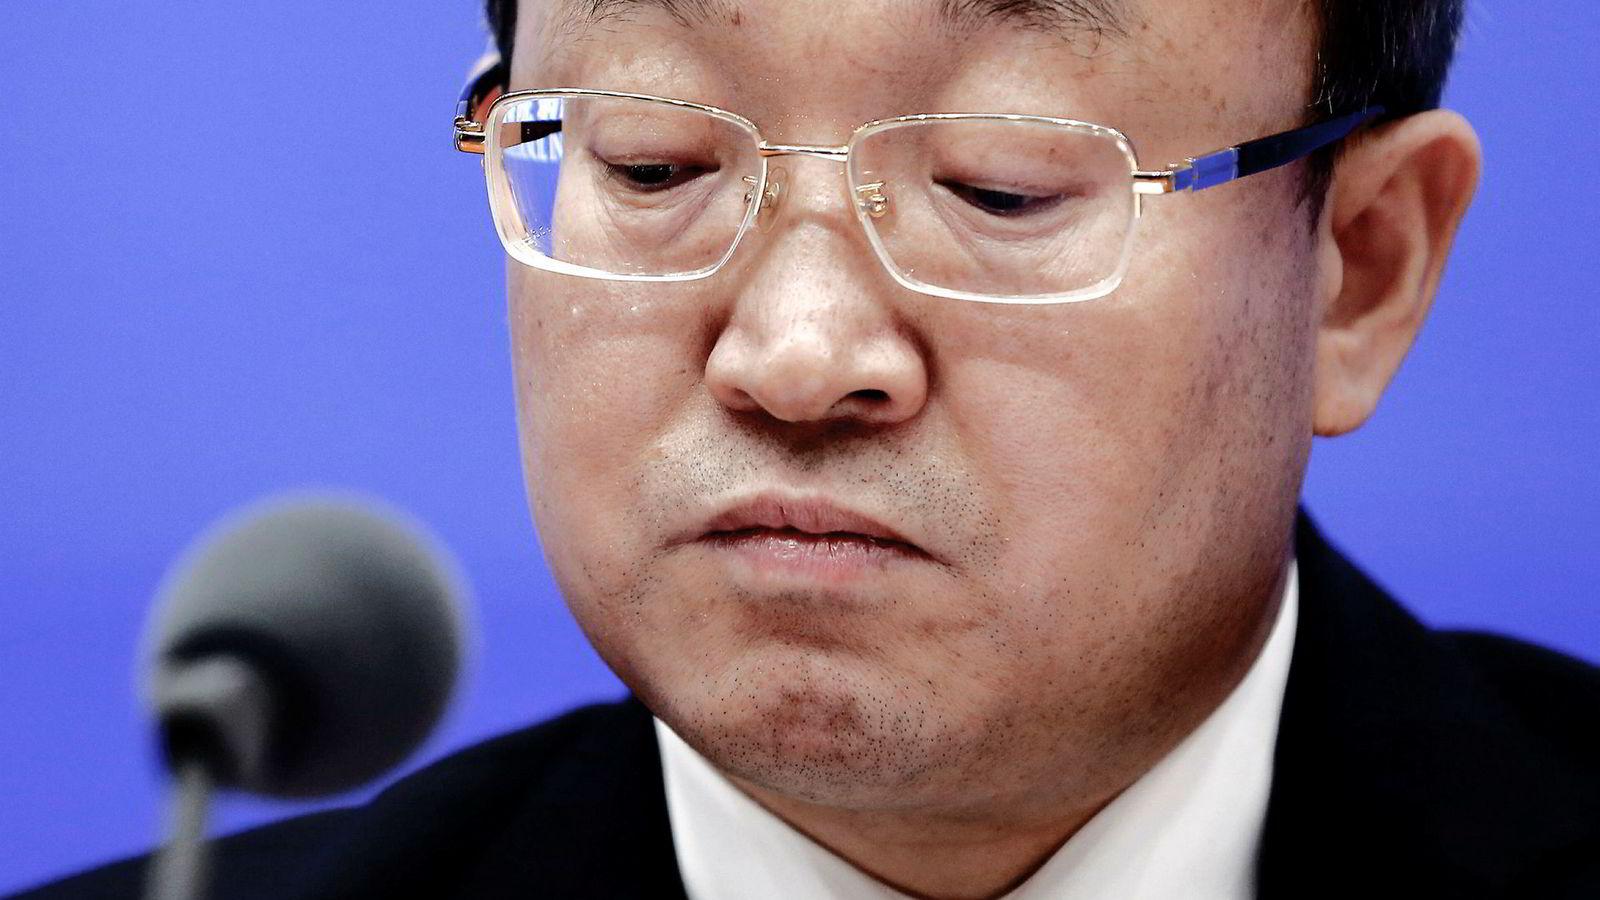 Kinas visehandelsminister Wang Shouwen deltok på en sjelden pressekonferanse, hvor Kina la frem en rapport som viser landets syn på handelskrigen med USA. Kina vil ikke gi etter for amerikanske krav.